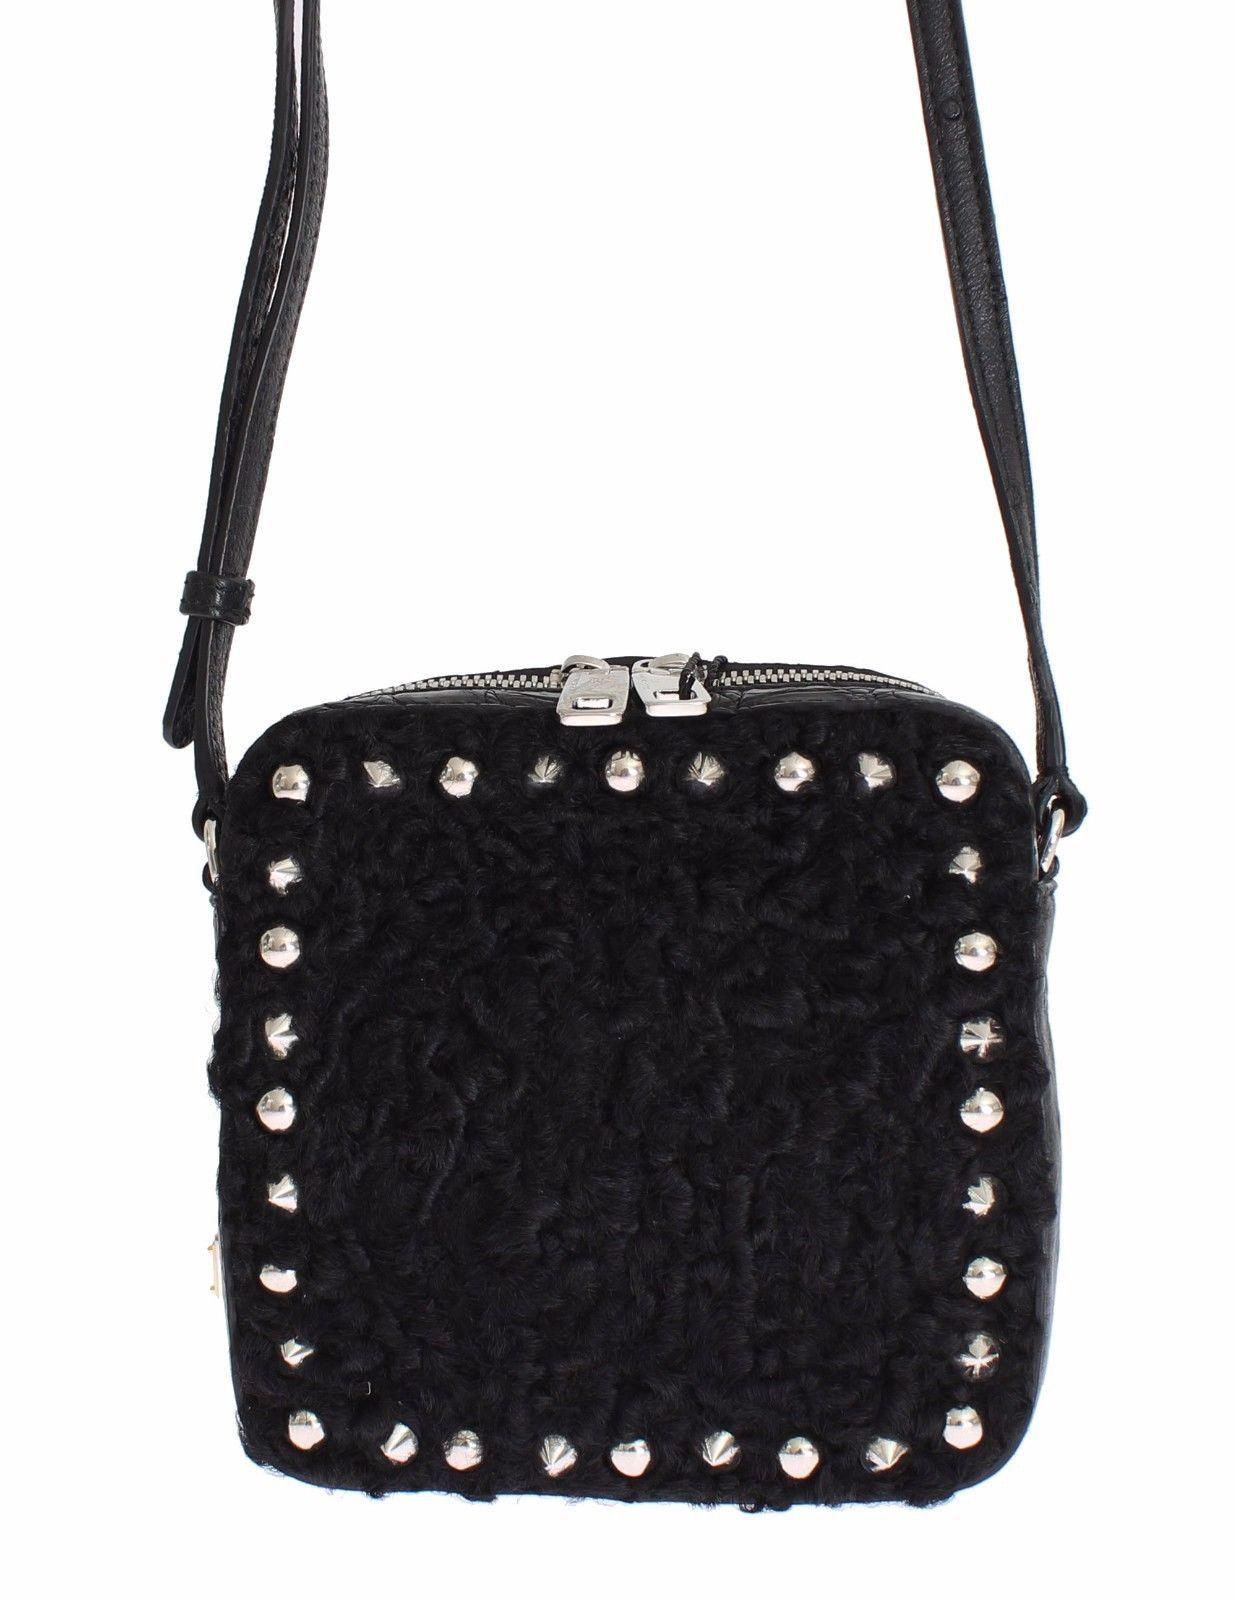 6b1081f2f2c Dolce   Gabbana Dolce   Gabbana Bag Black Caiman Python Ostrich ...